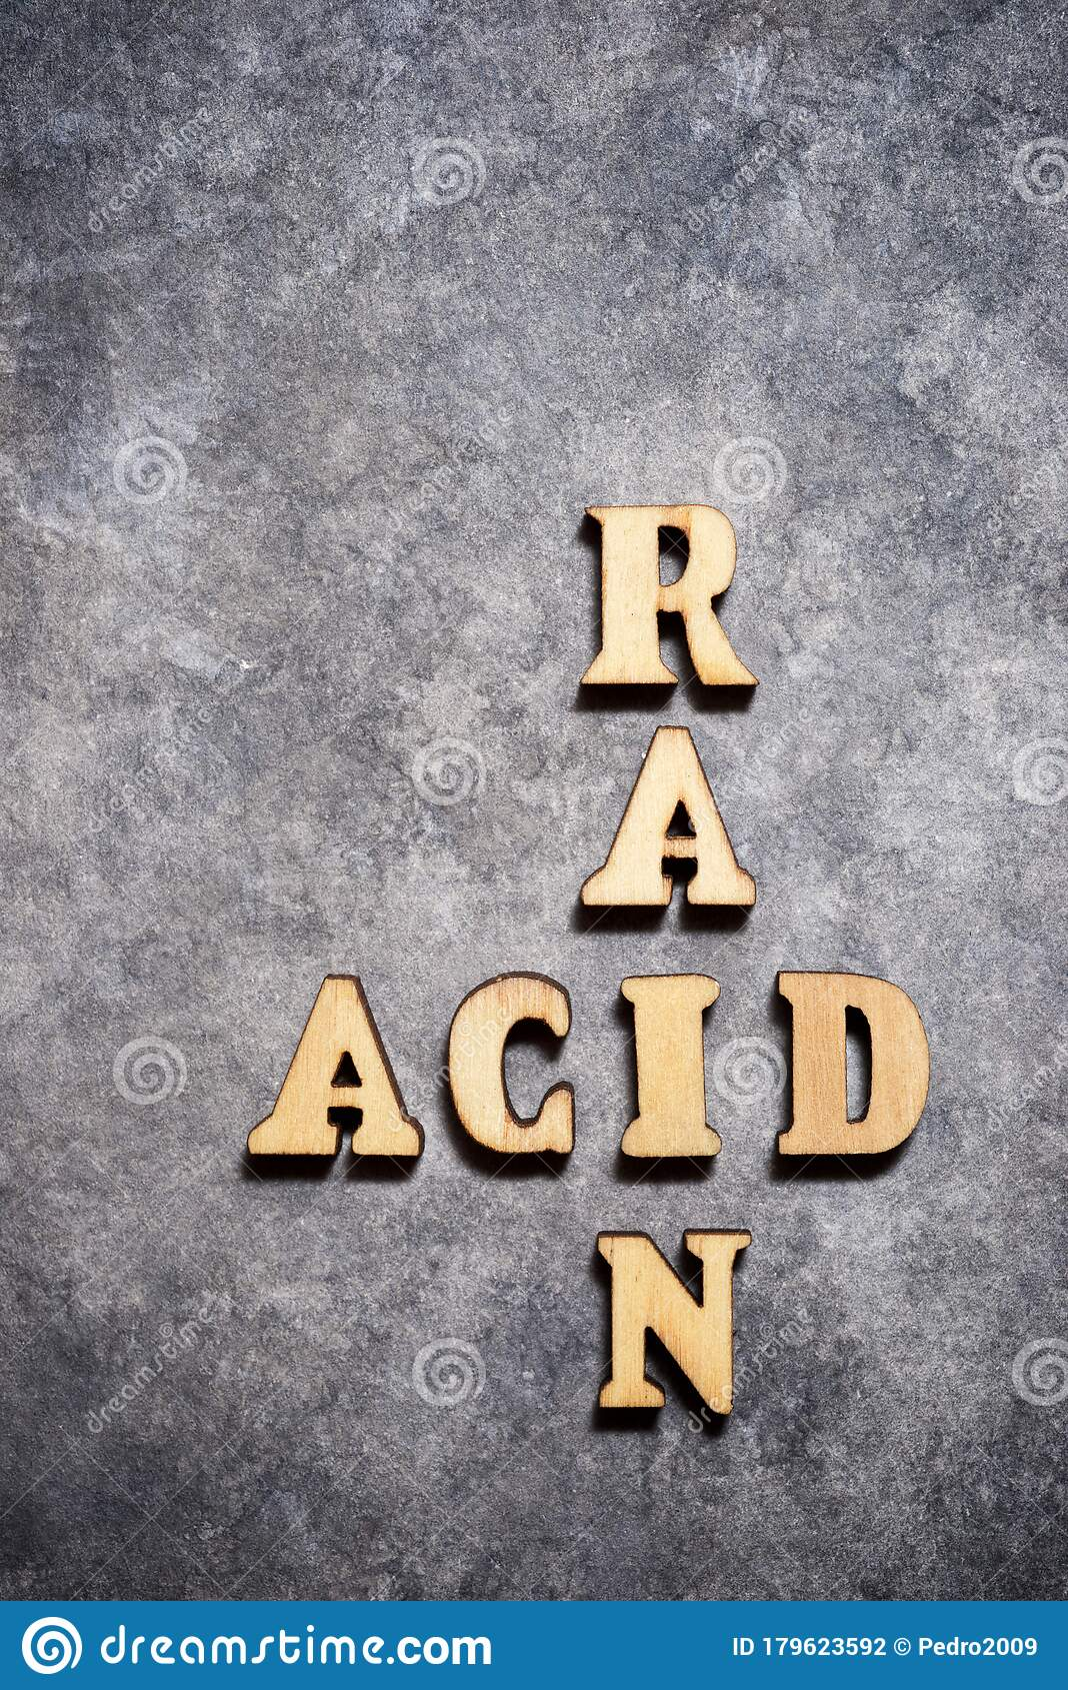 Buy acid rain paper